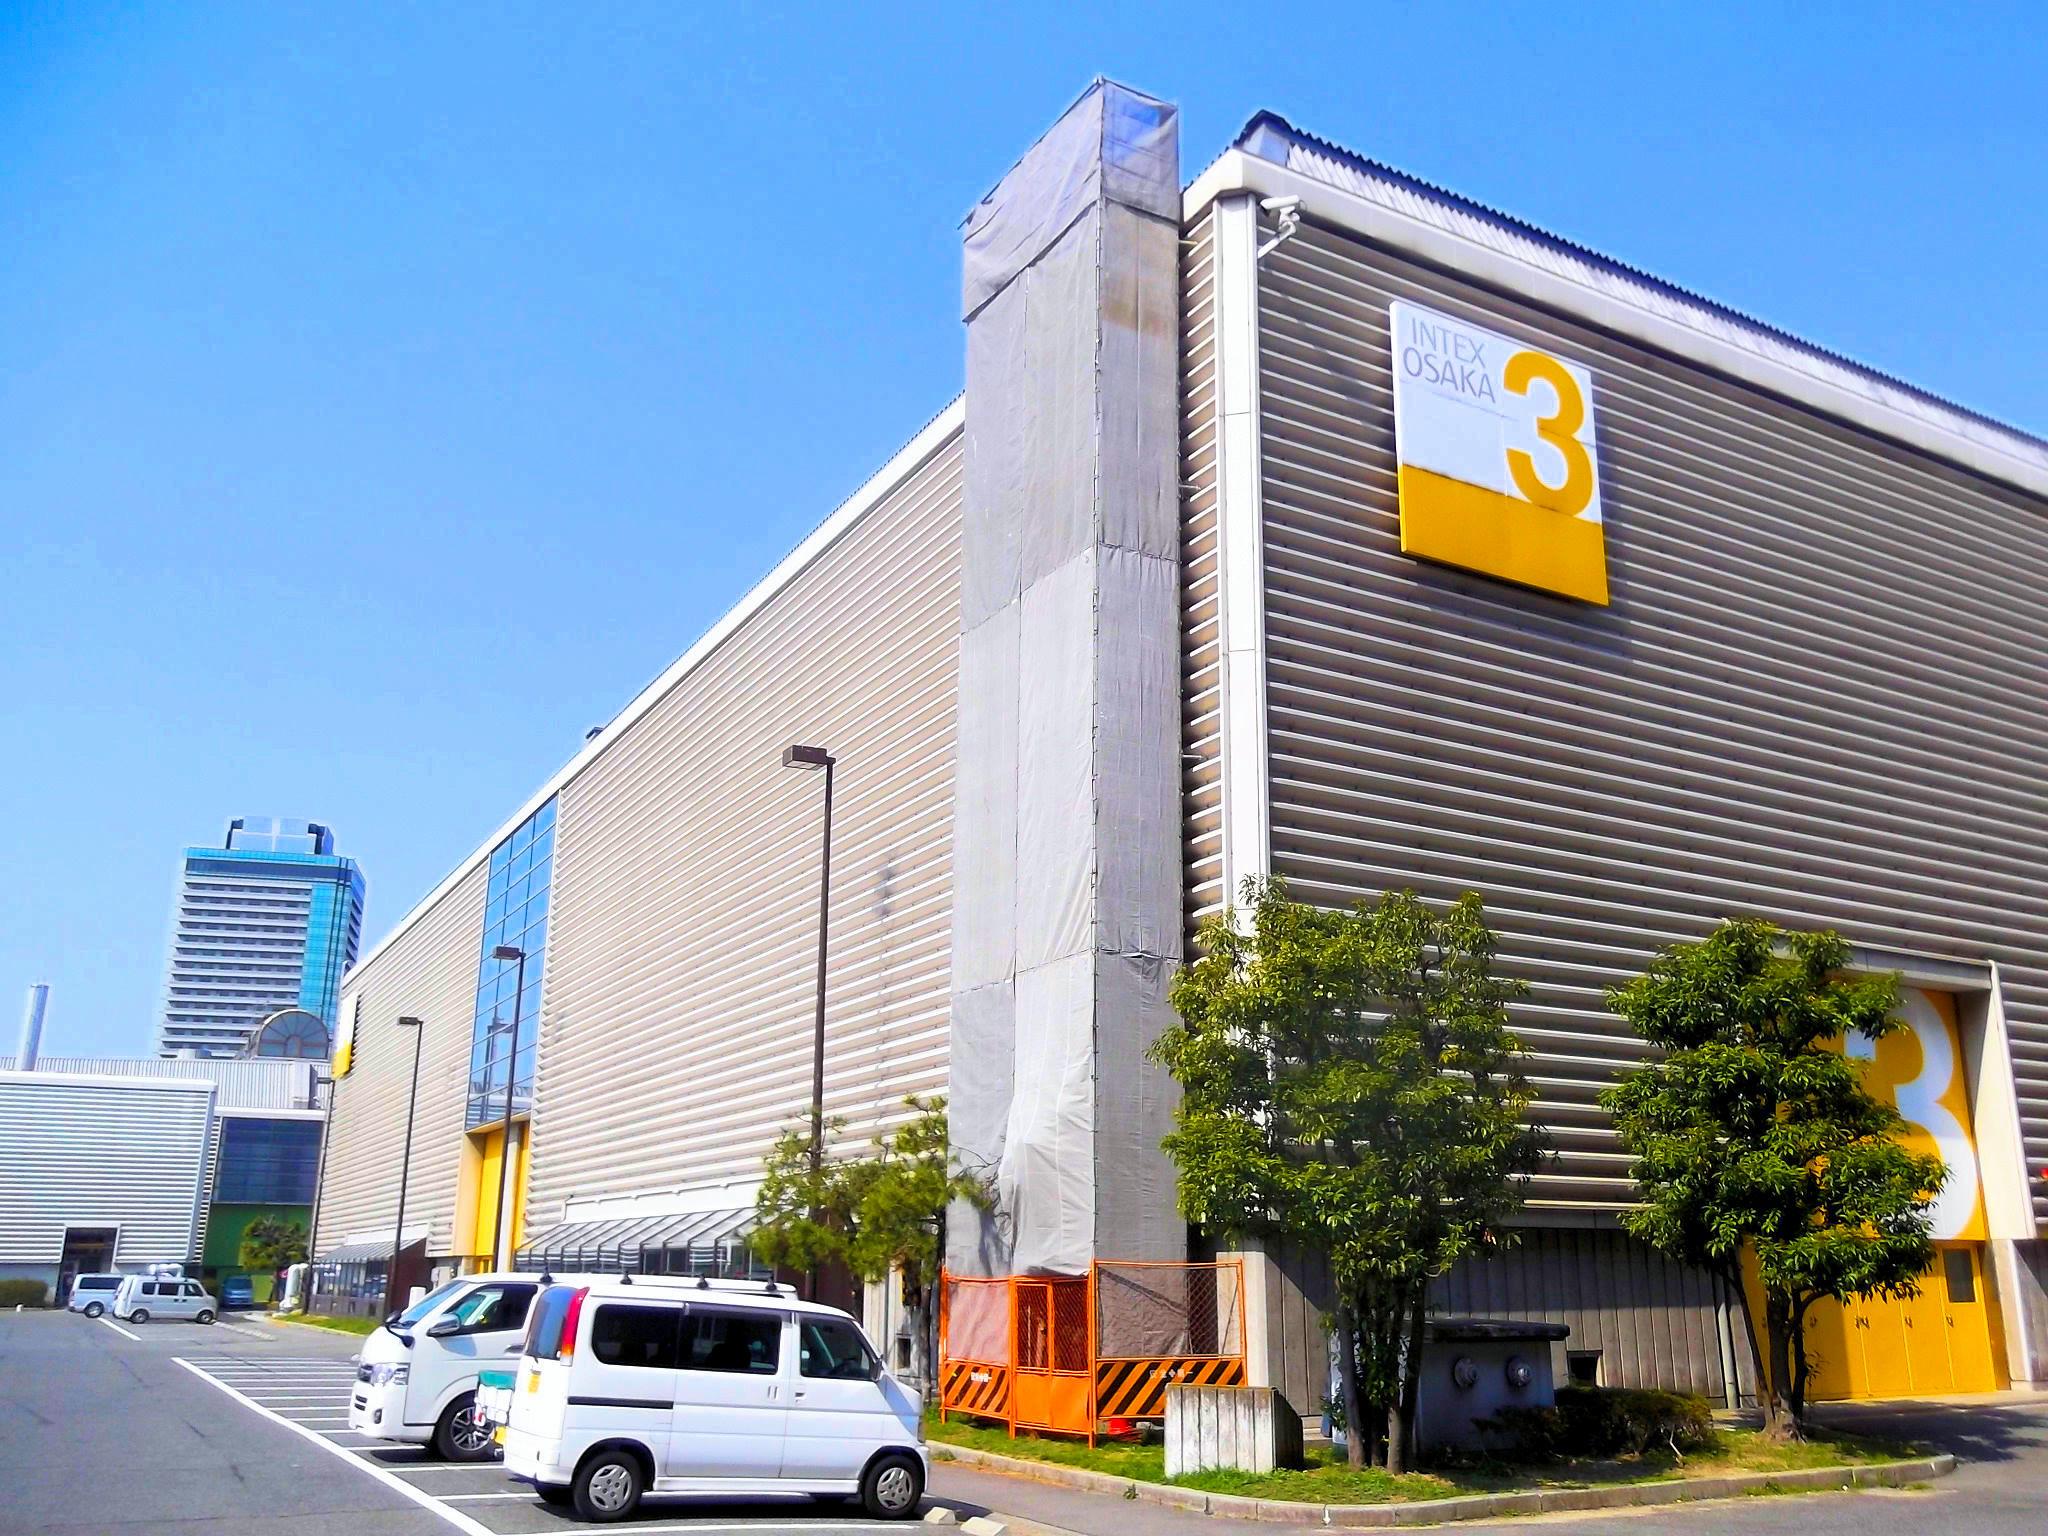 インテックス大阪(大阪府大阪市)